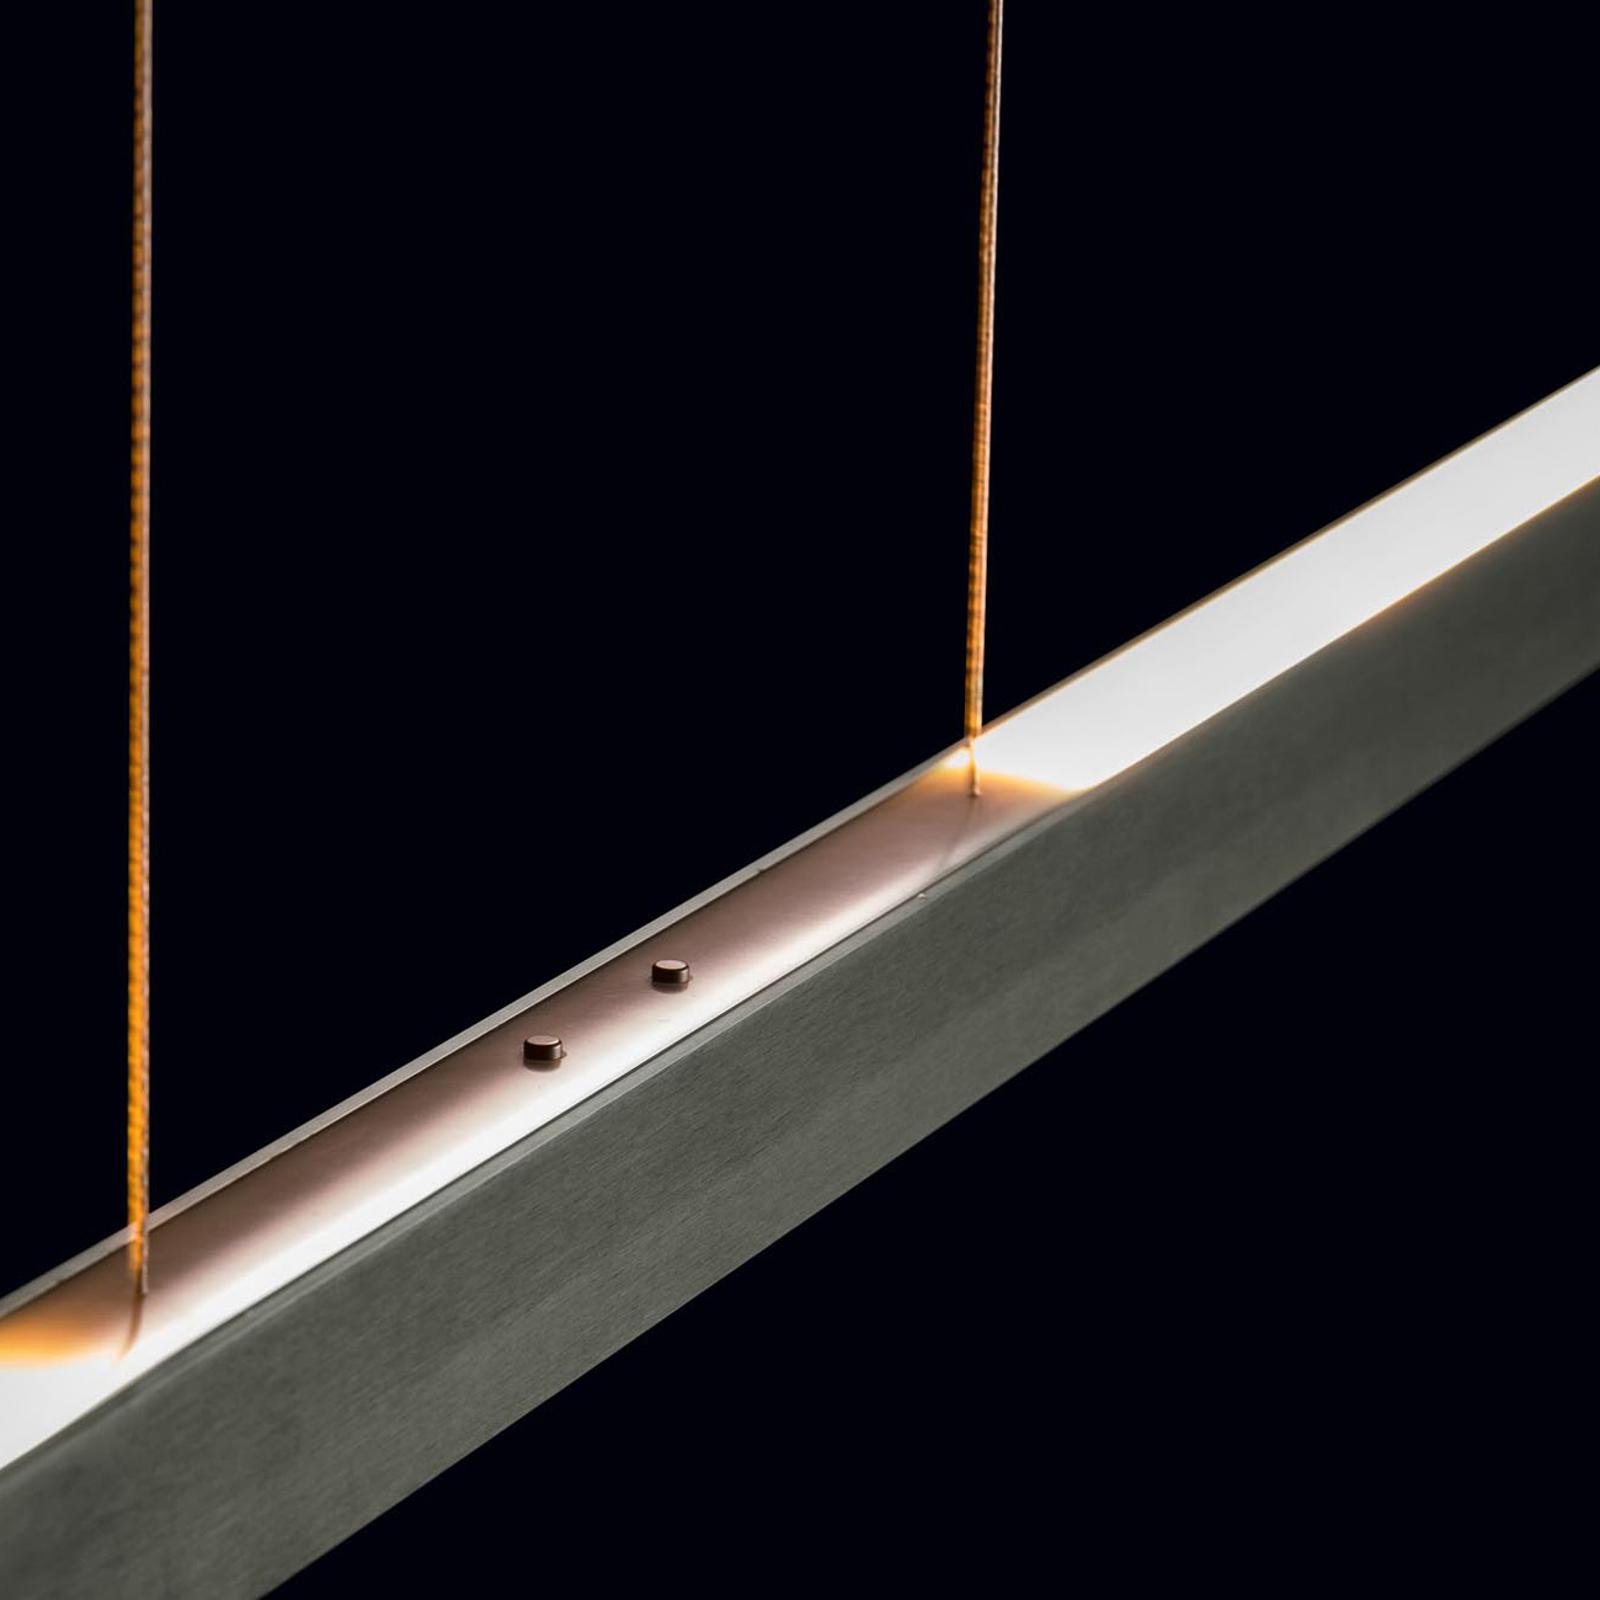 Holtkötter Xena S LED-Hängeleuchte, 120 cm, platin kaufen